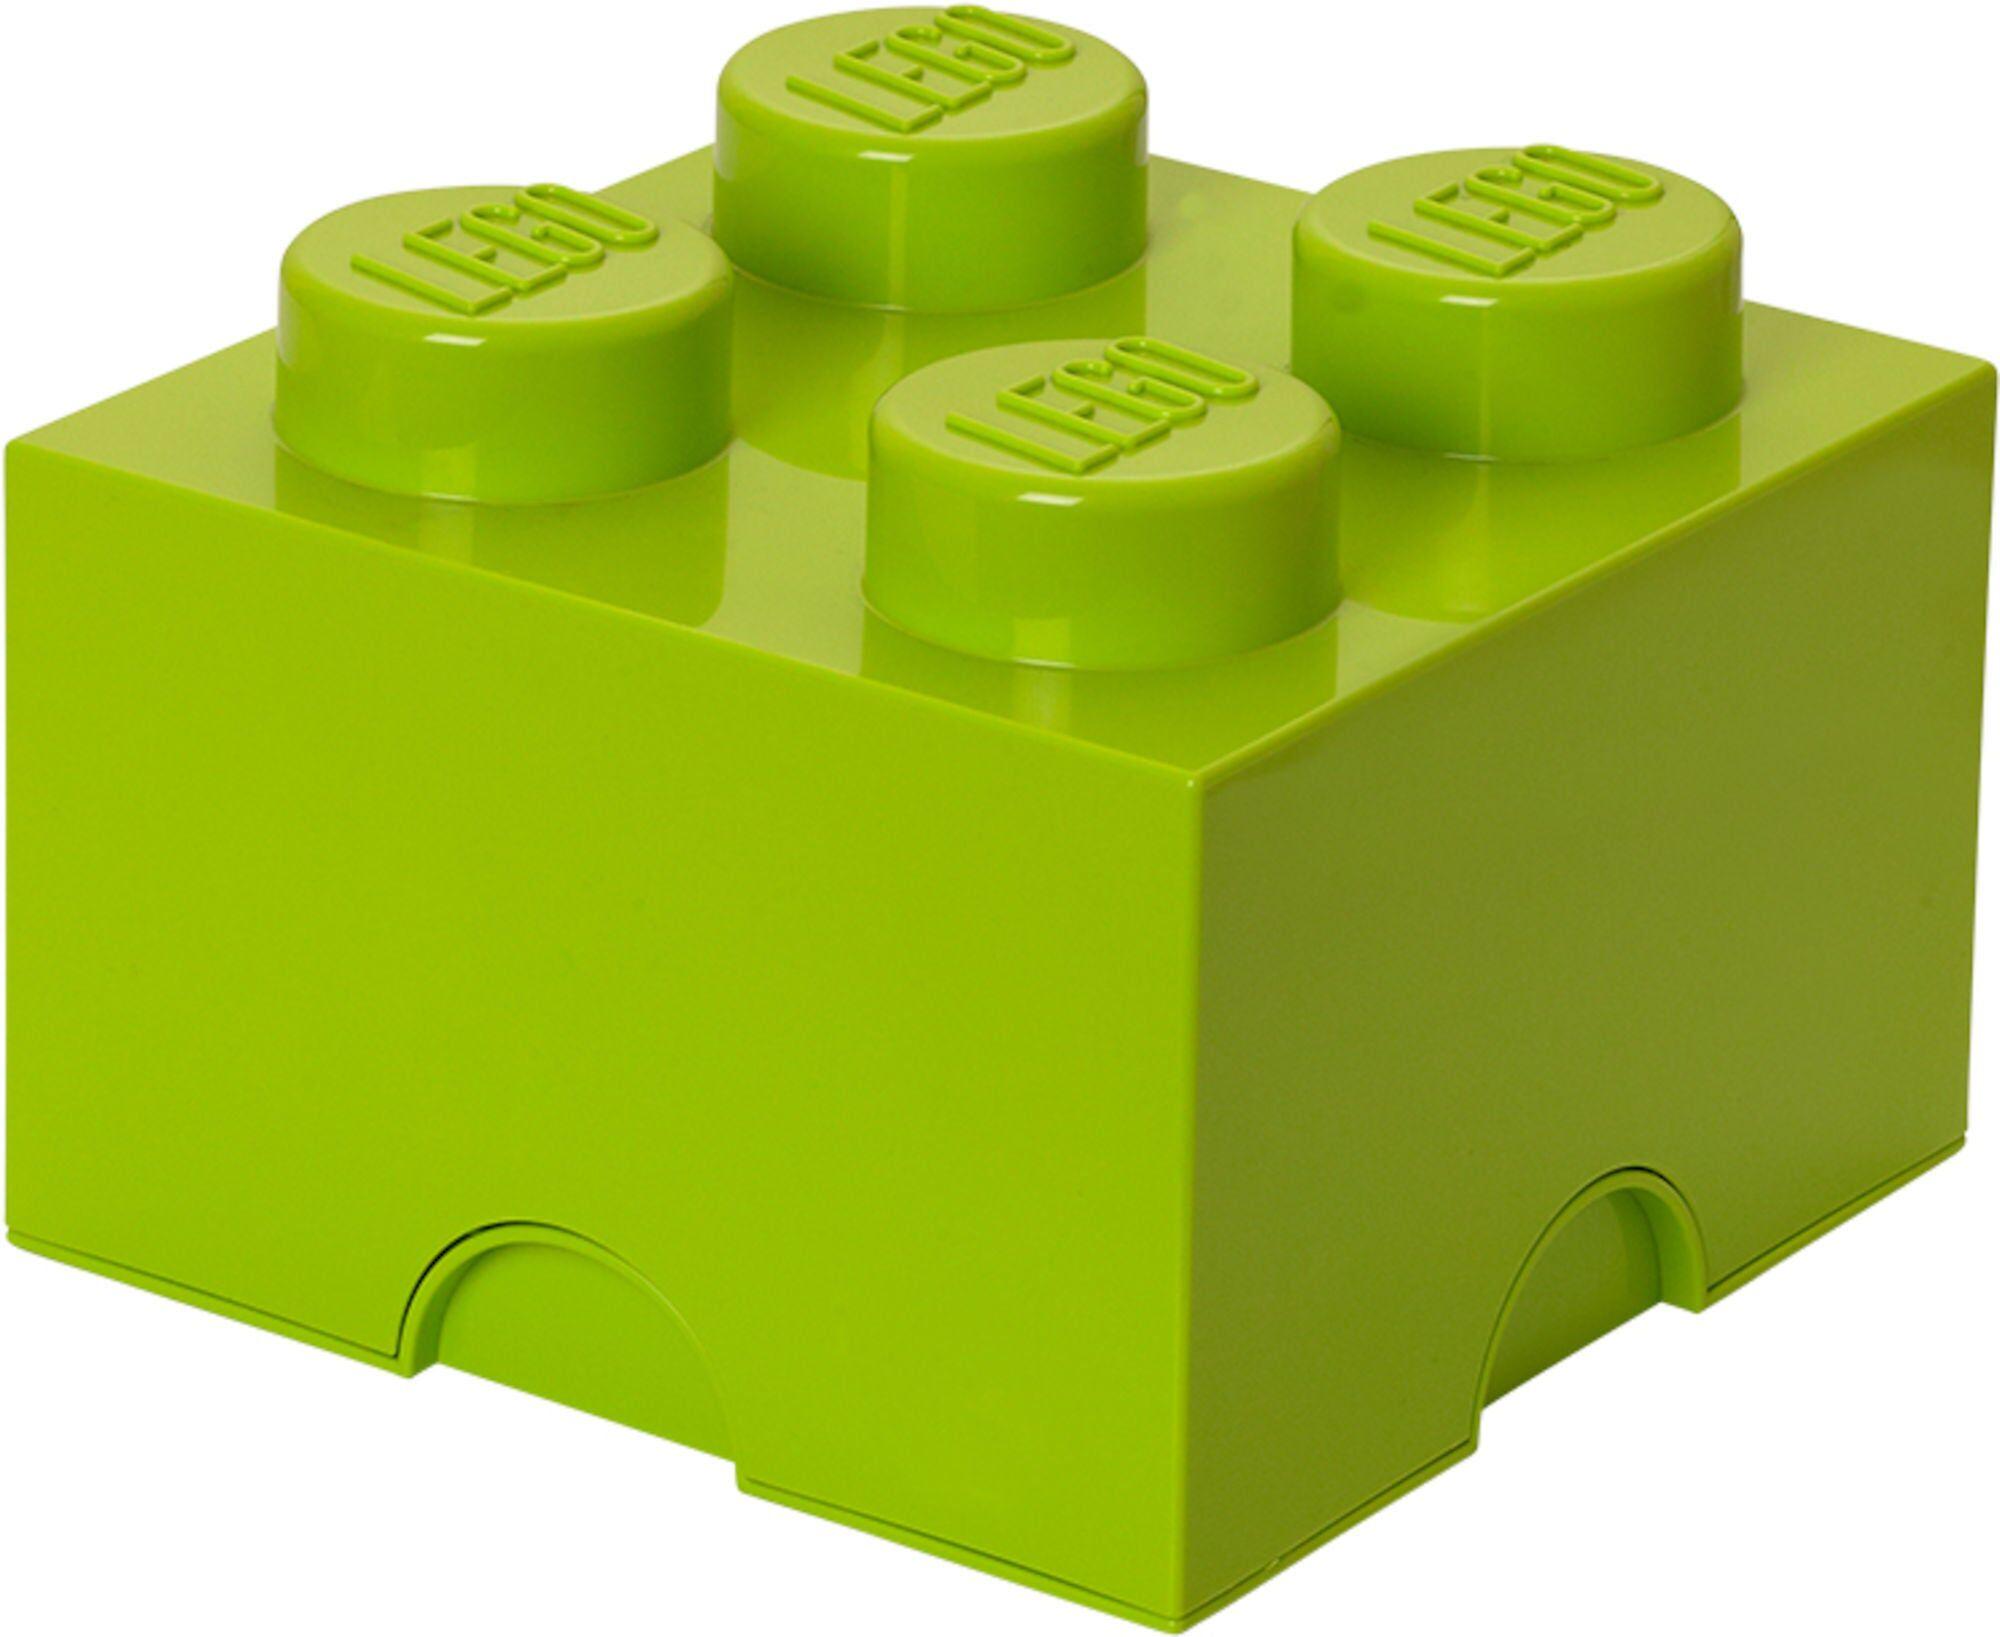 Lego oppbevaring 4 Lime